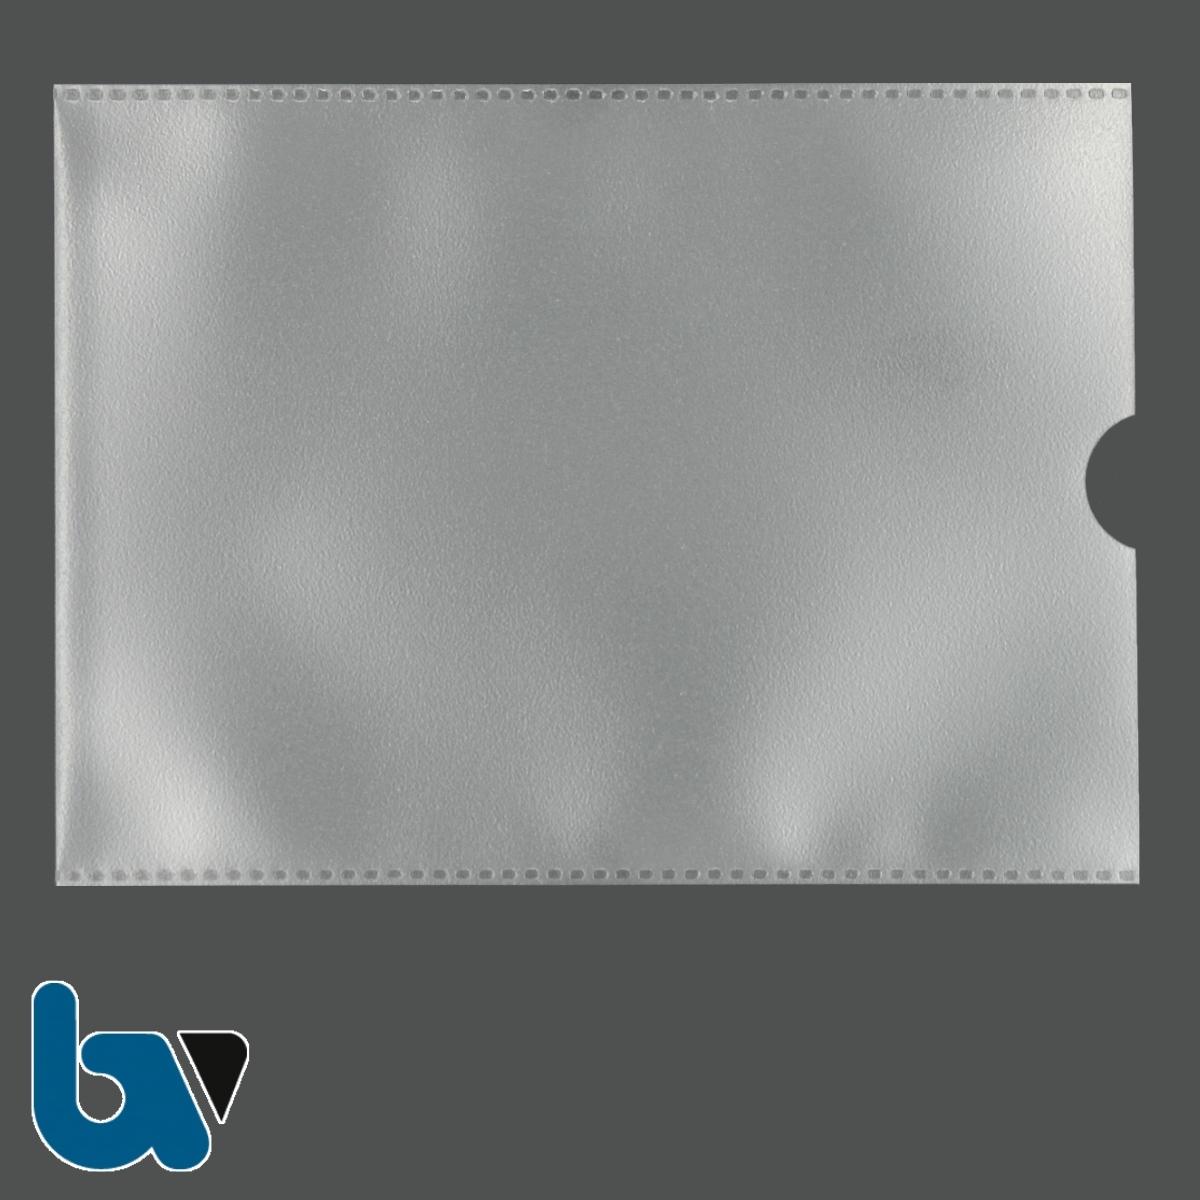 0/881 Schutzhülle Sichthülle Dokument Ausweis DIN A6 Bild 2 | Borgard Verlag GmbH